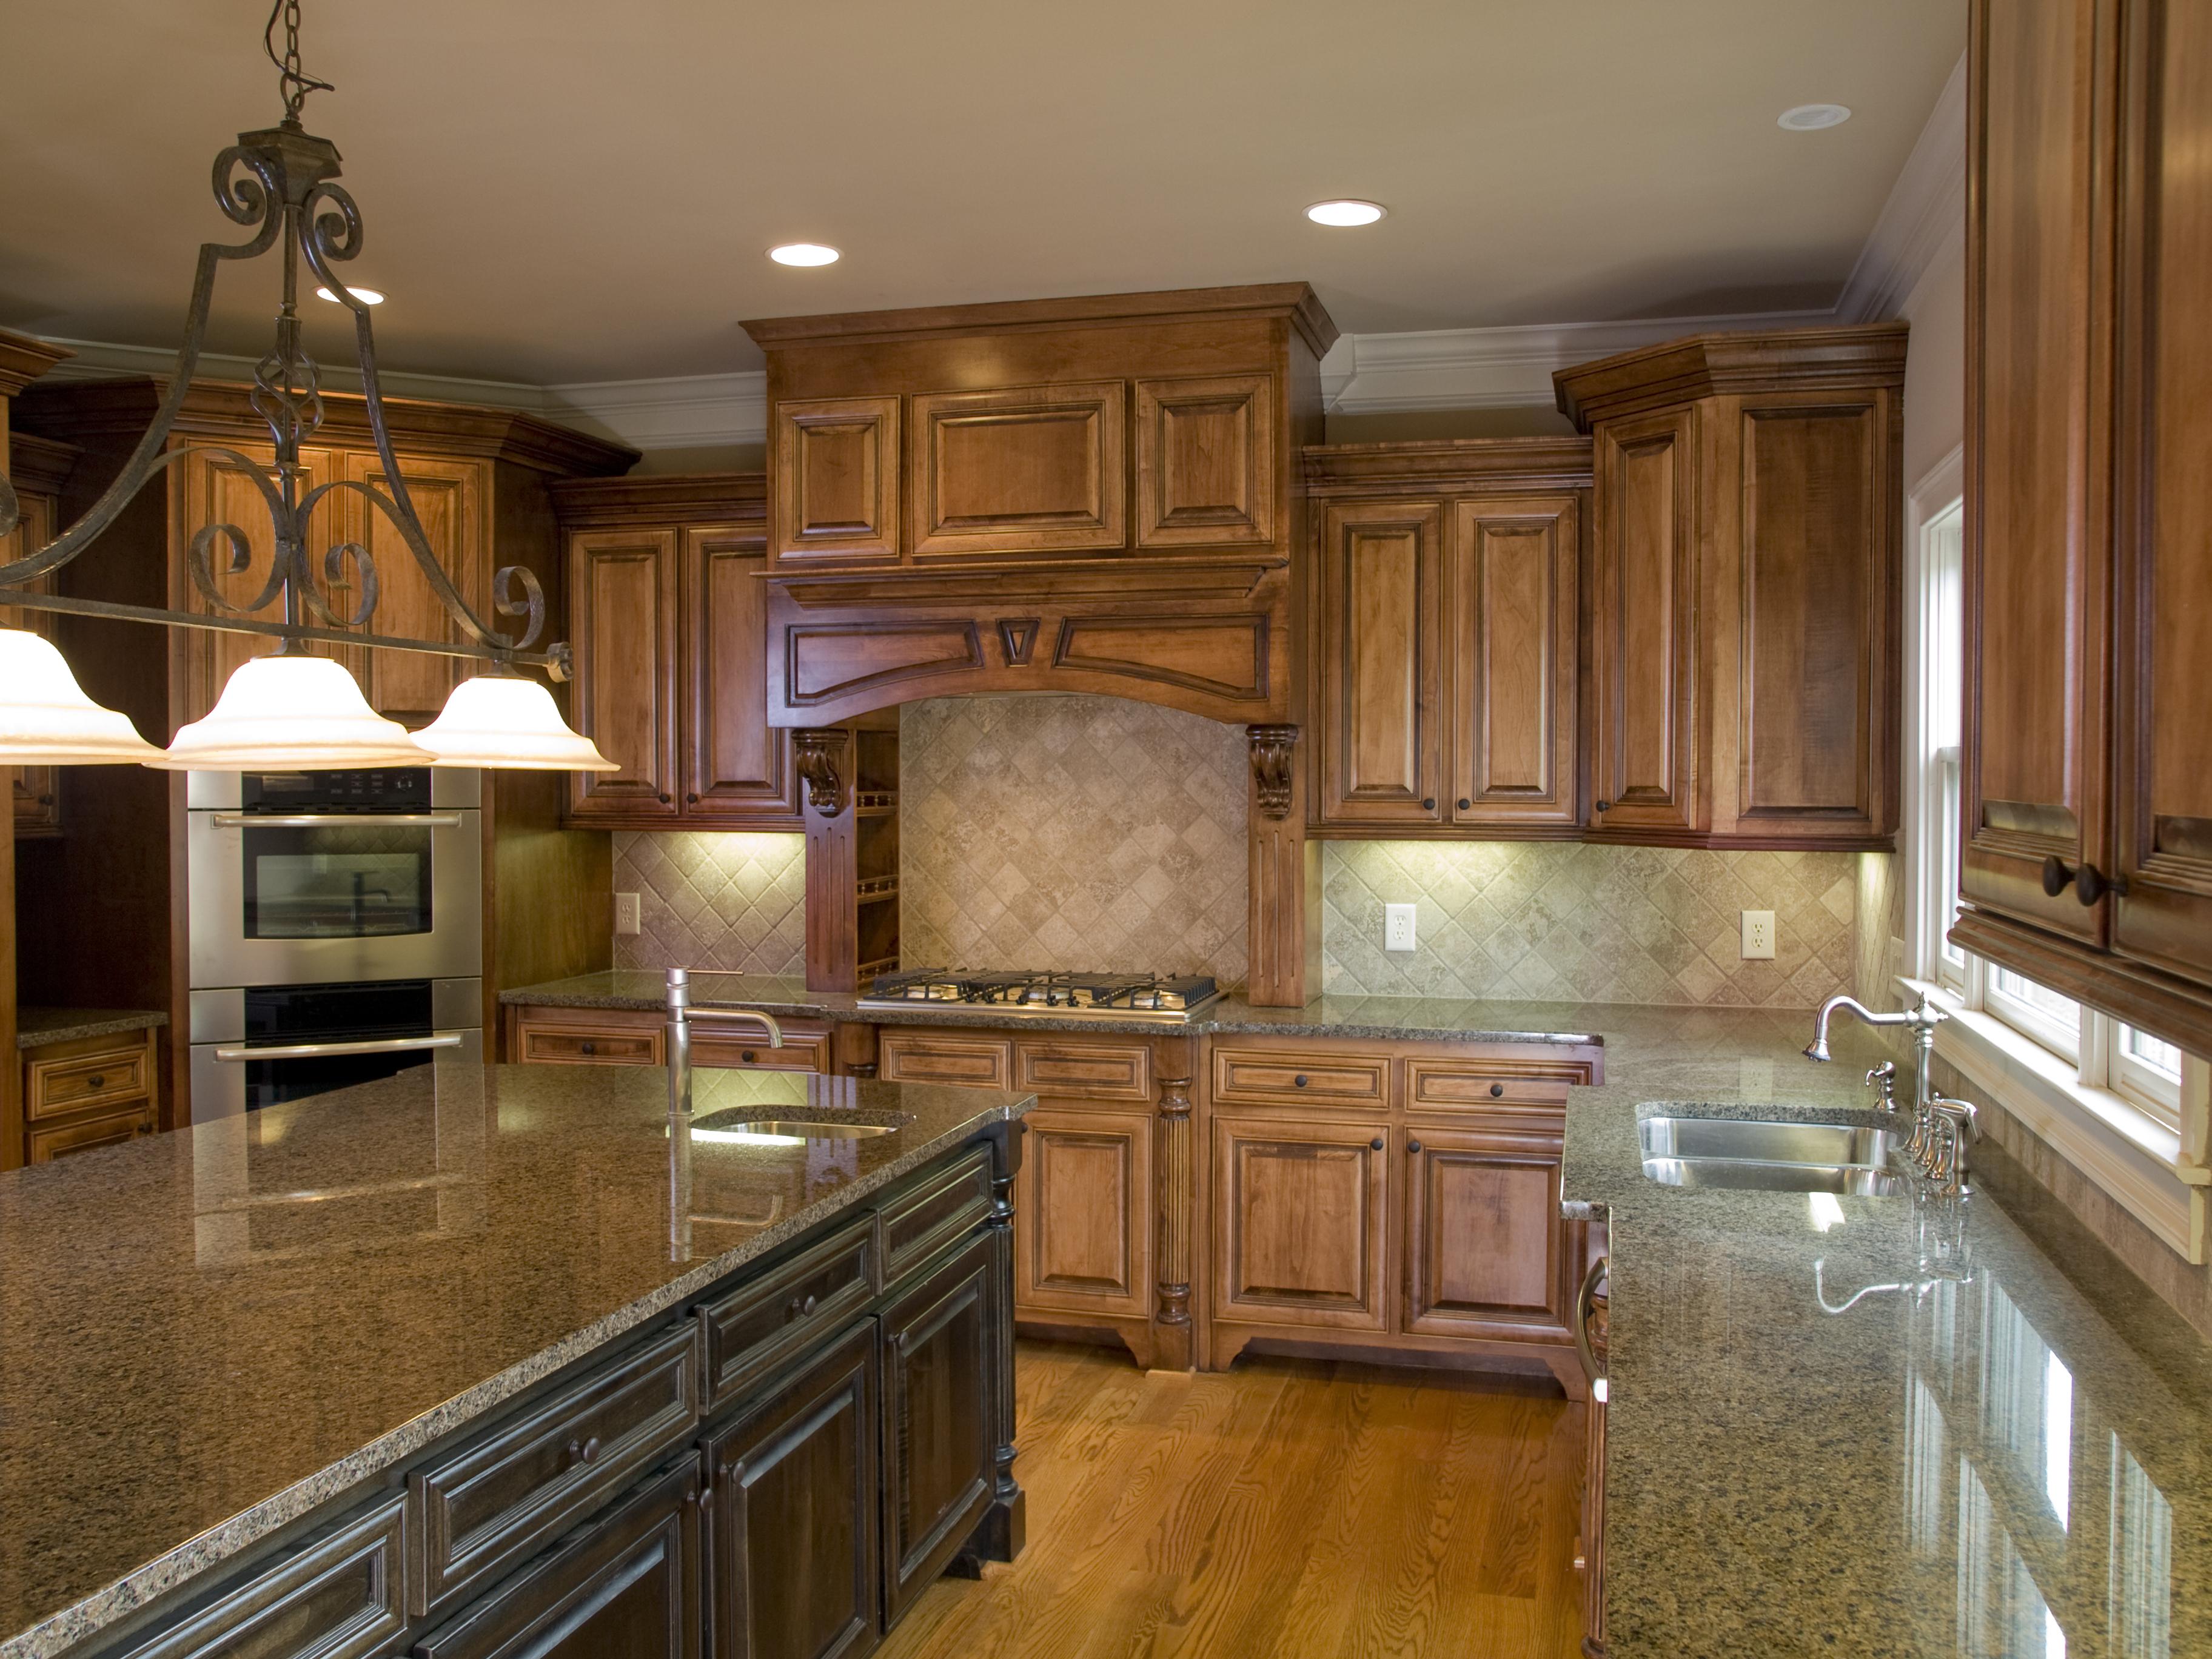 bigstock-luxury-kitchen-with-center-isl-3815441.jpg